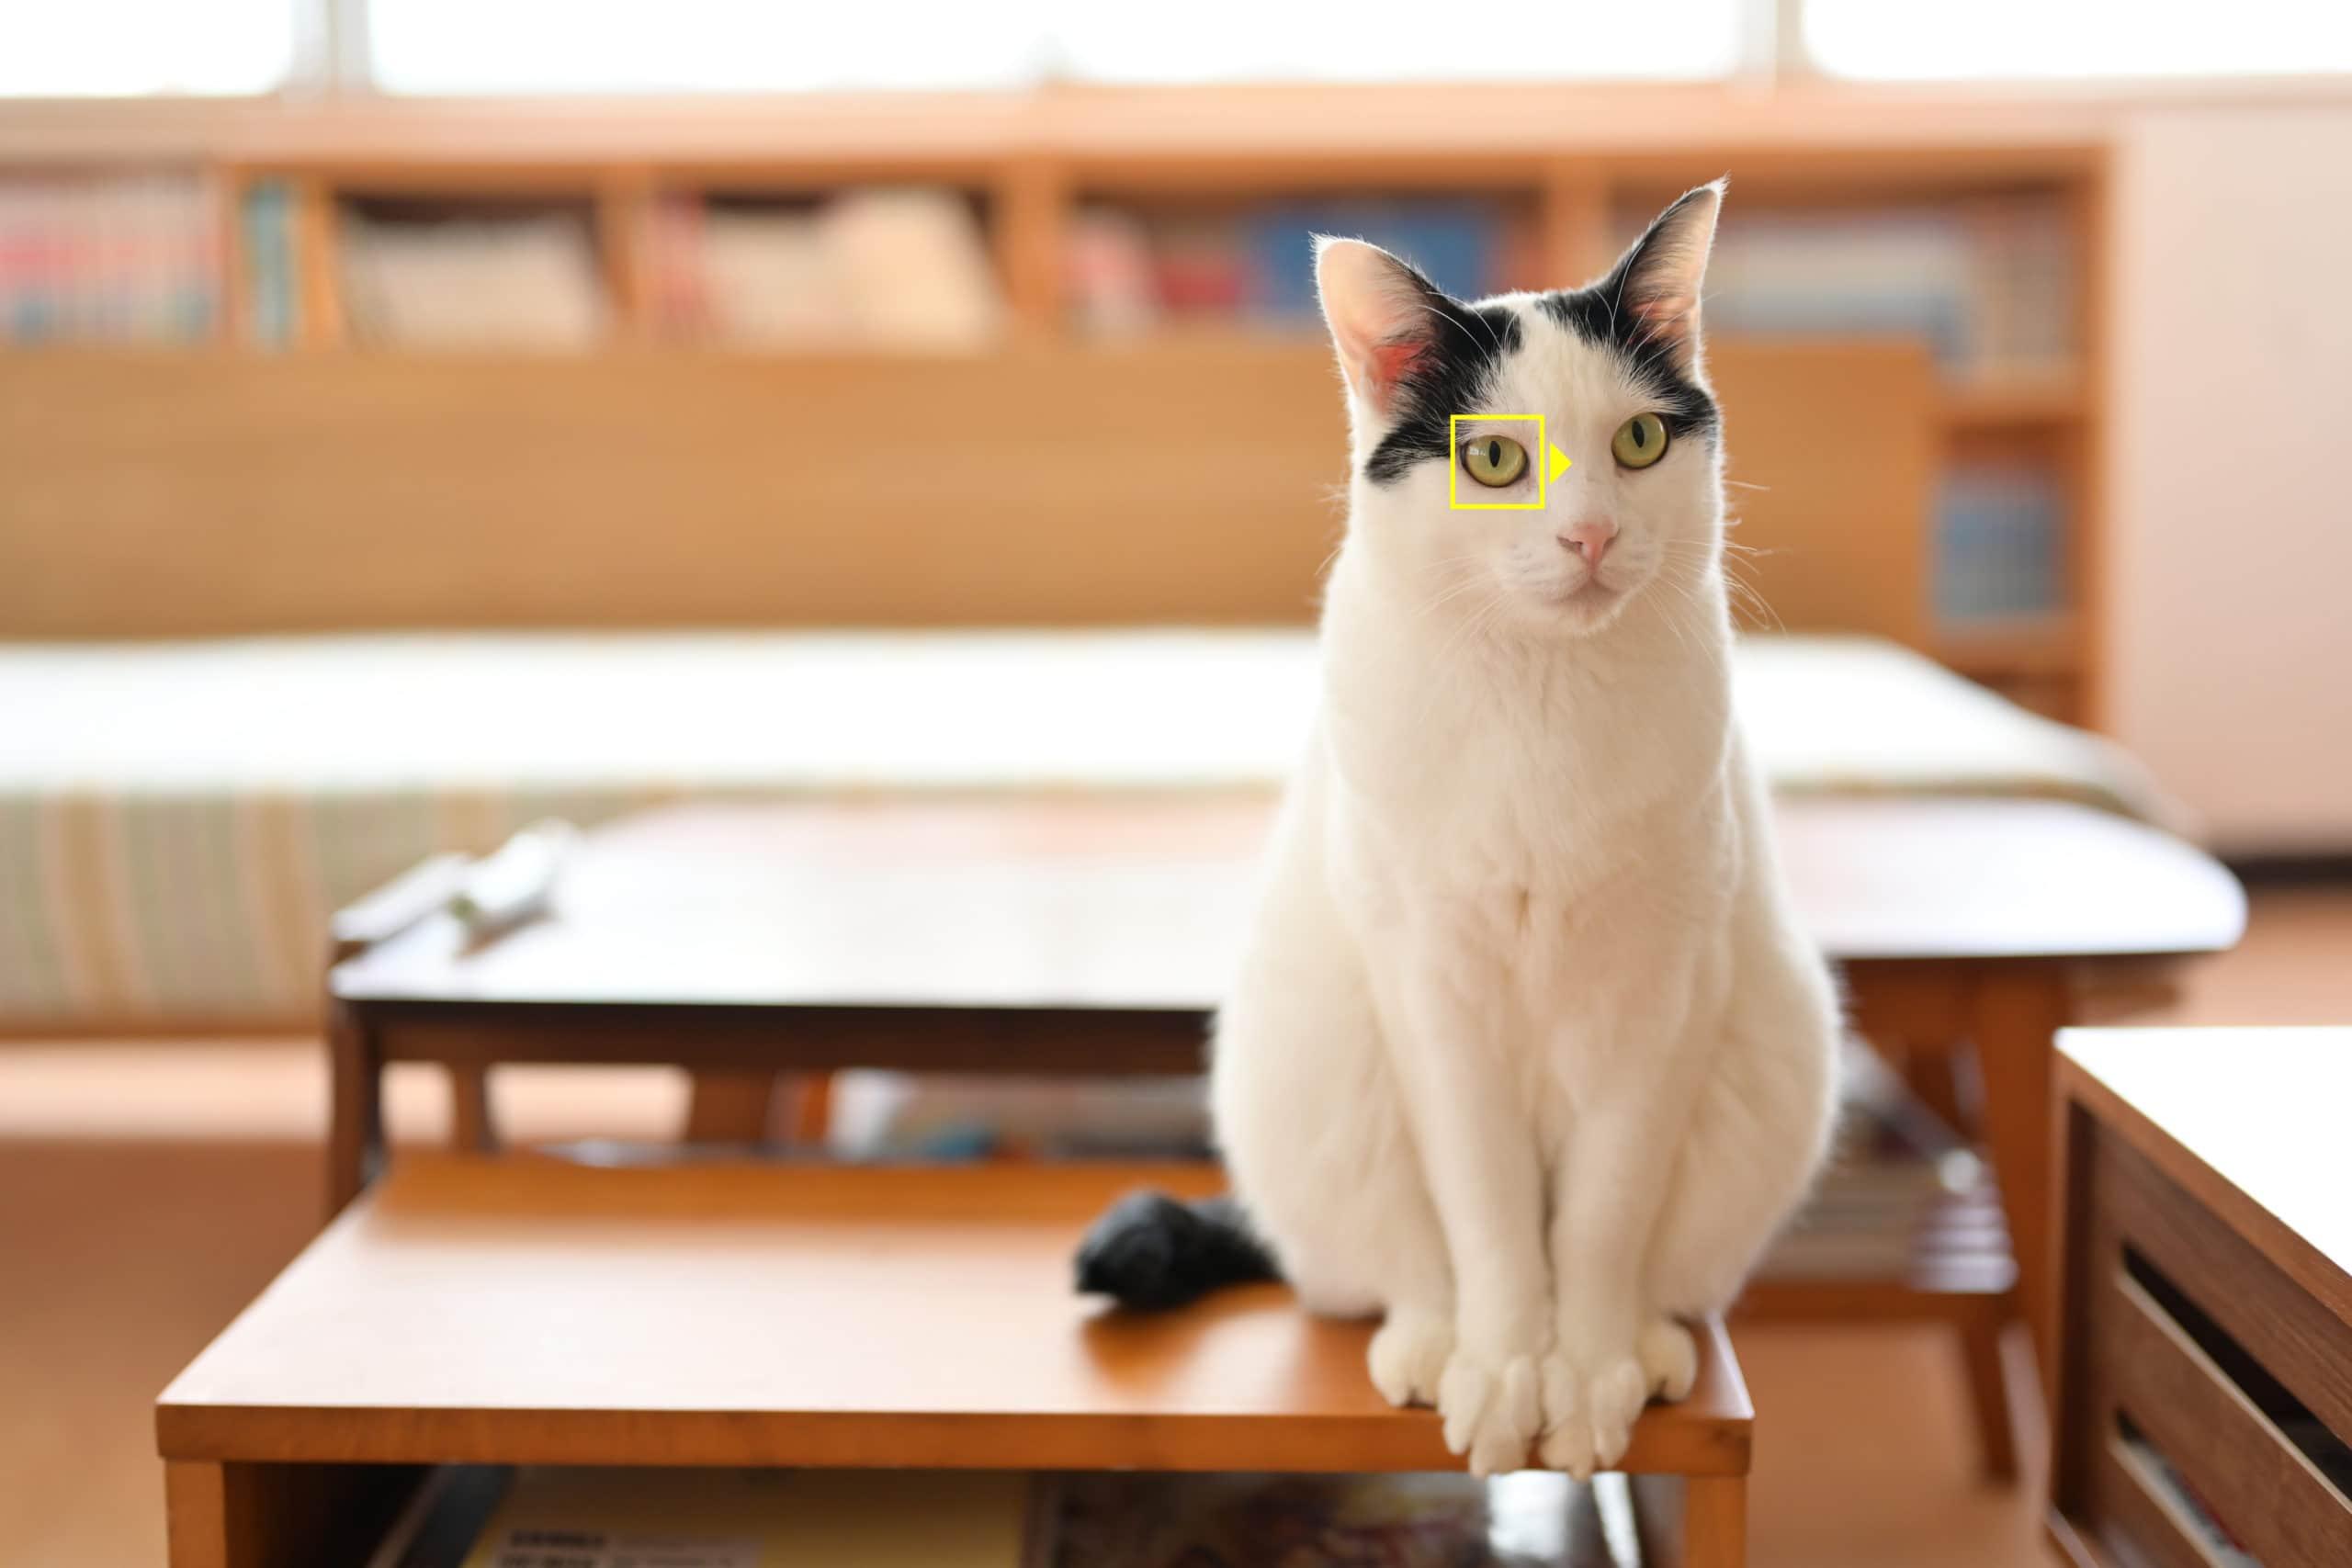 Tierautofokus bei Nikon Z7 / Z6 - Katze | Quelle: Nikon GmbH